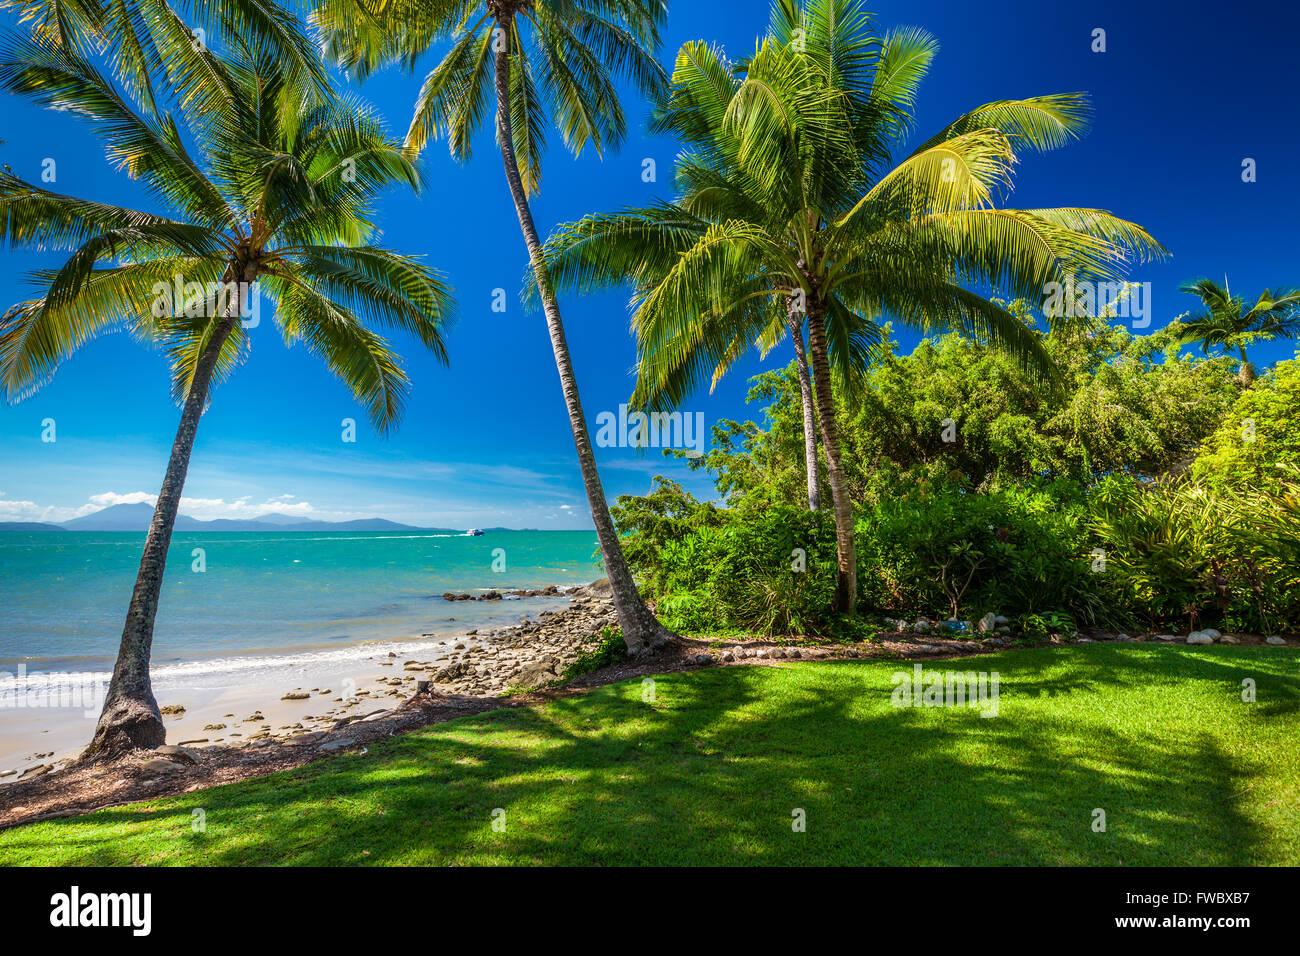 Rex Smeal Park in Port Douglas con palme tropicali e beach, Australia Immagini Stock